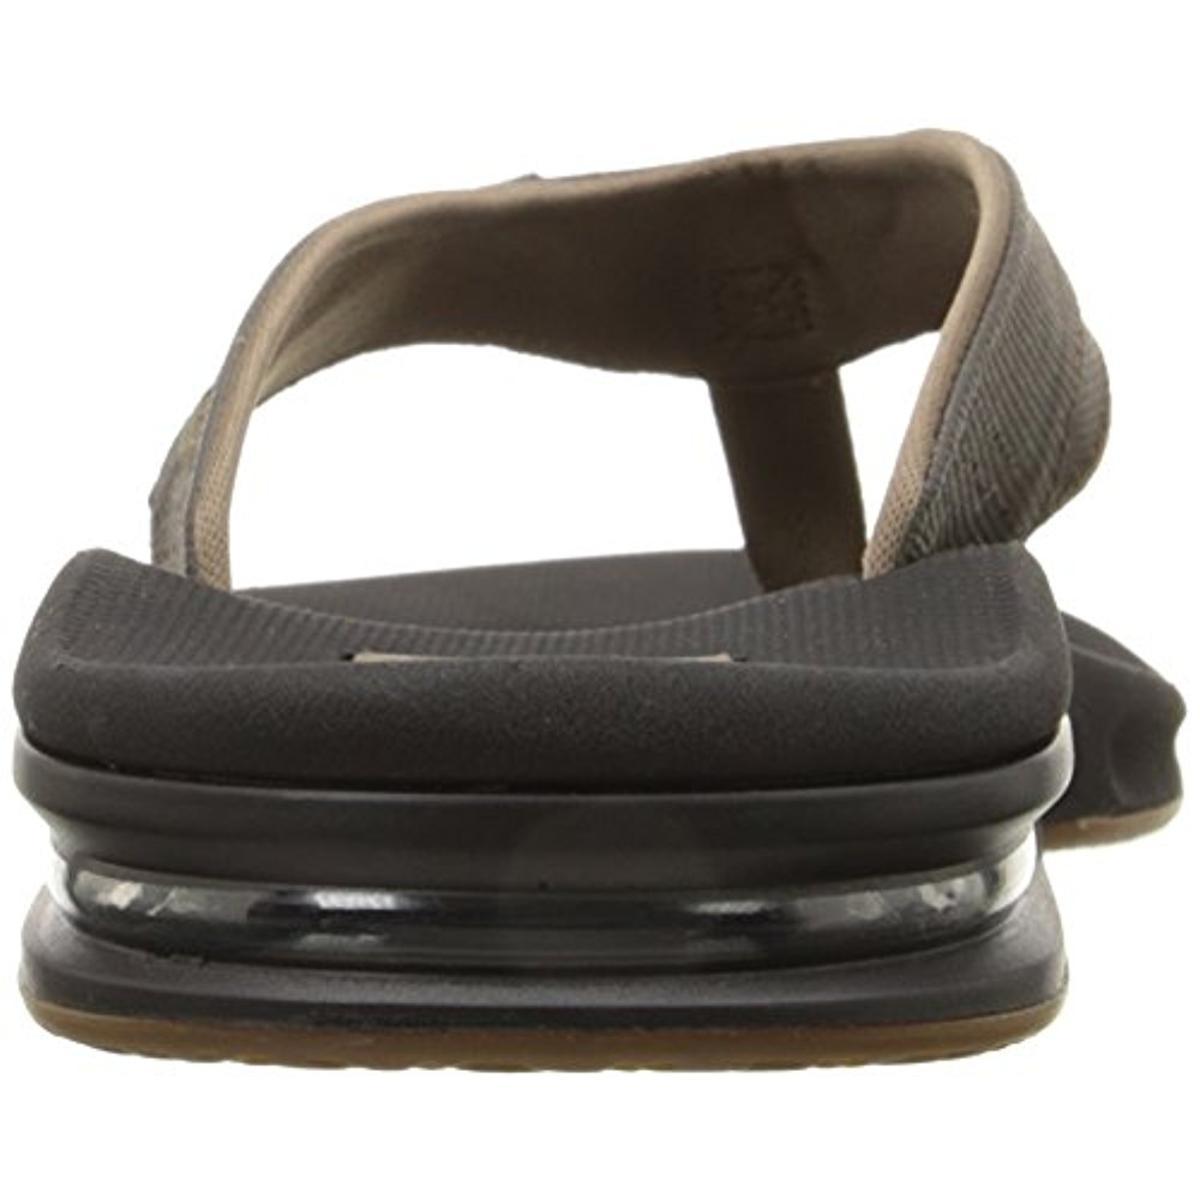 reef 4677 mens fanning ii bottle opener thong sandals flip flops shoes bhfo ebay. Black Bedroom Furniture Sets. Home Design Ideas